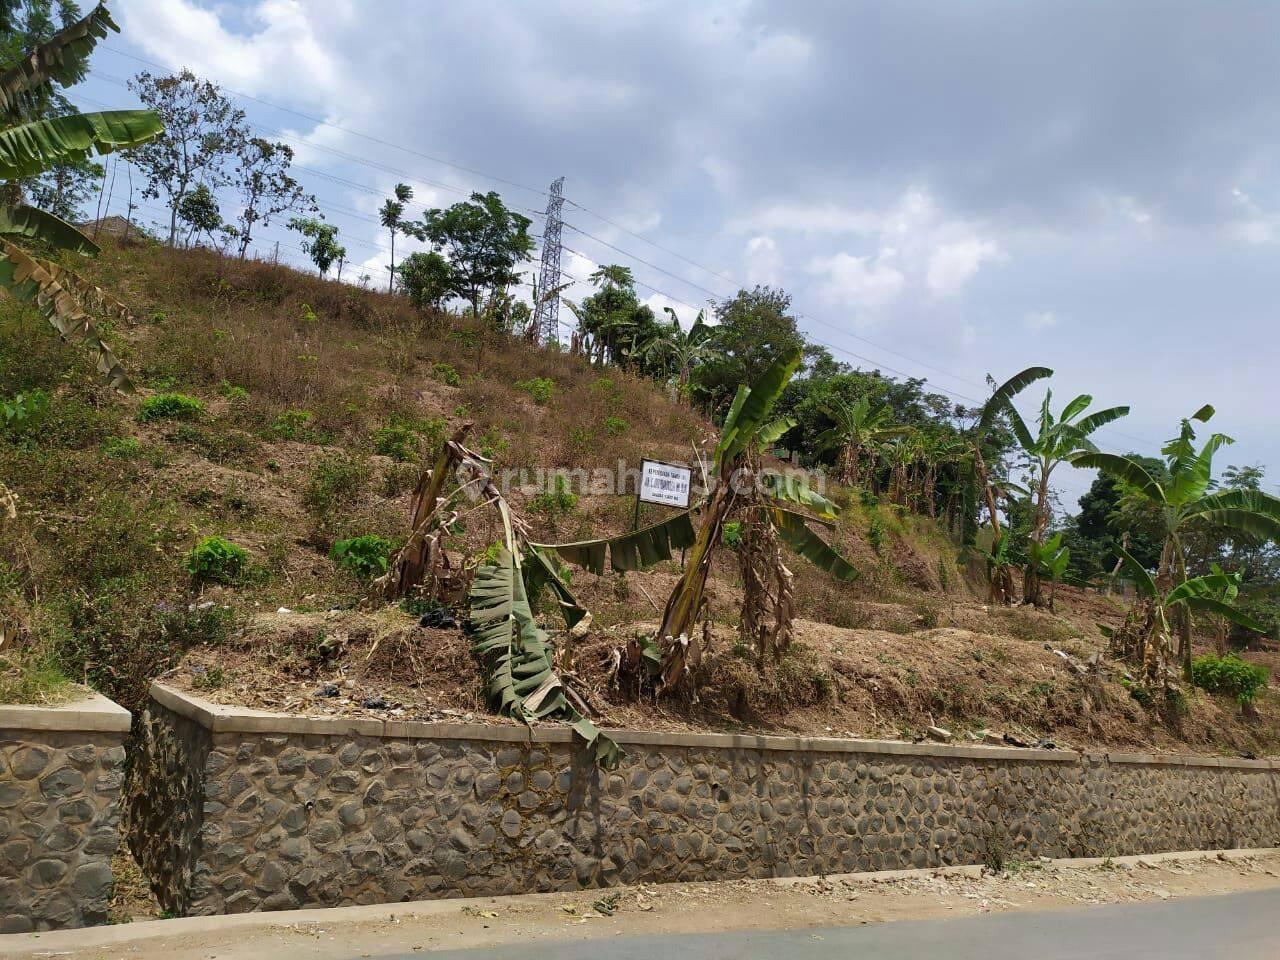 Tanah Matang Di Desa Sumedang Kabupaten Bandung Jawa Barat